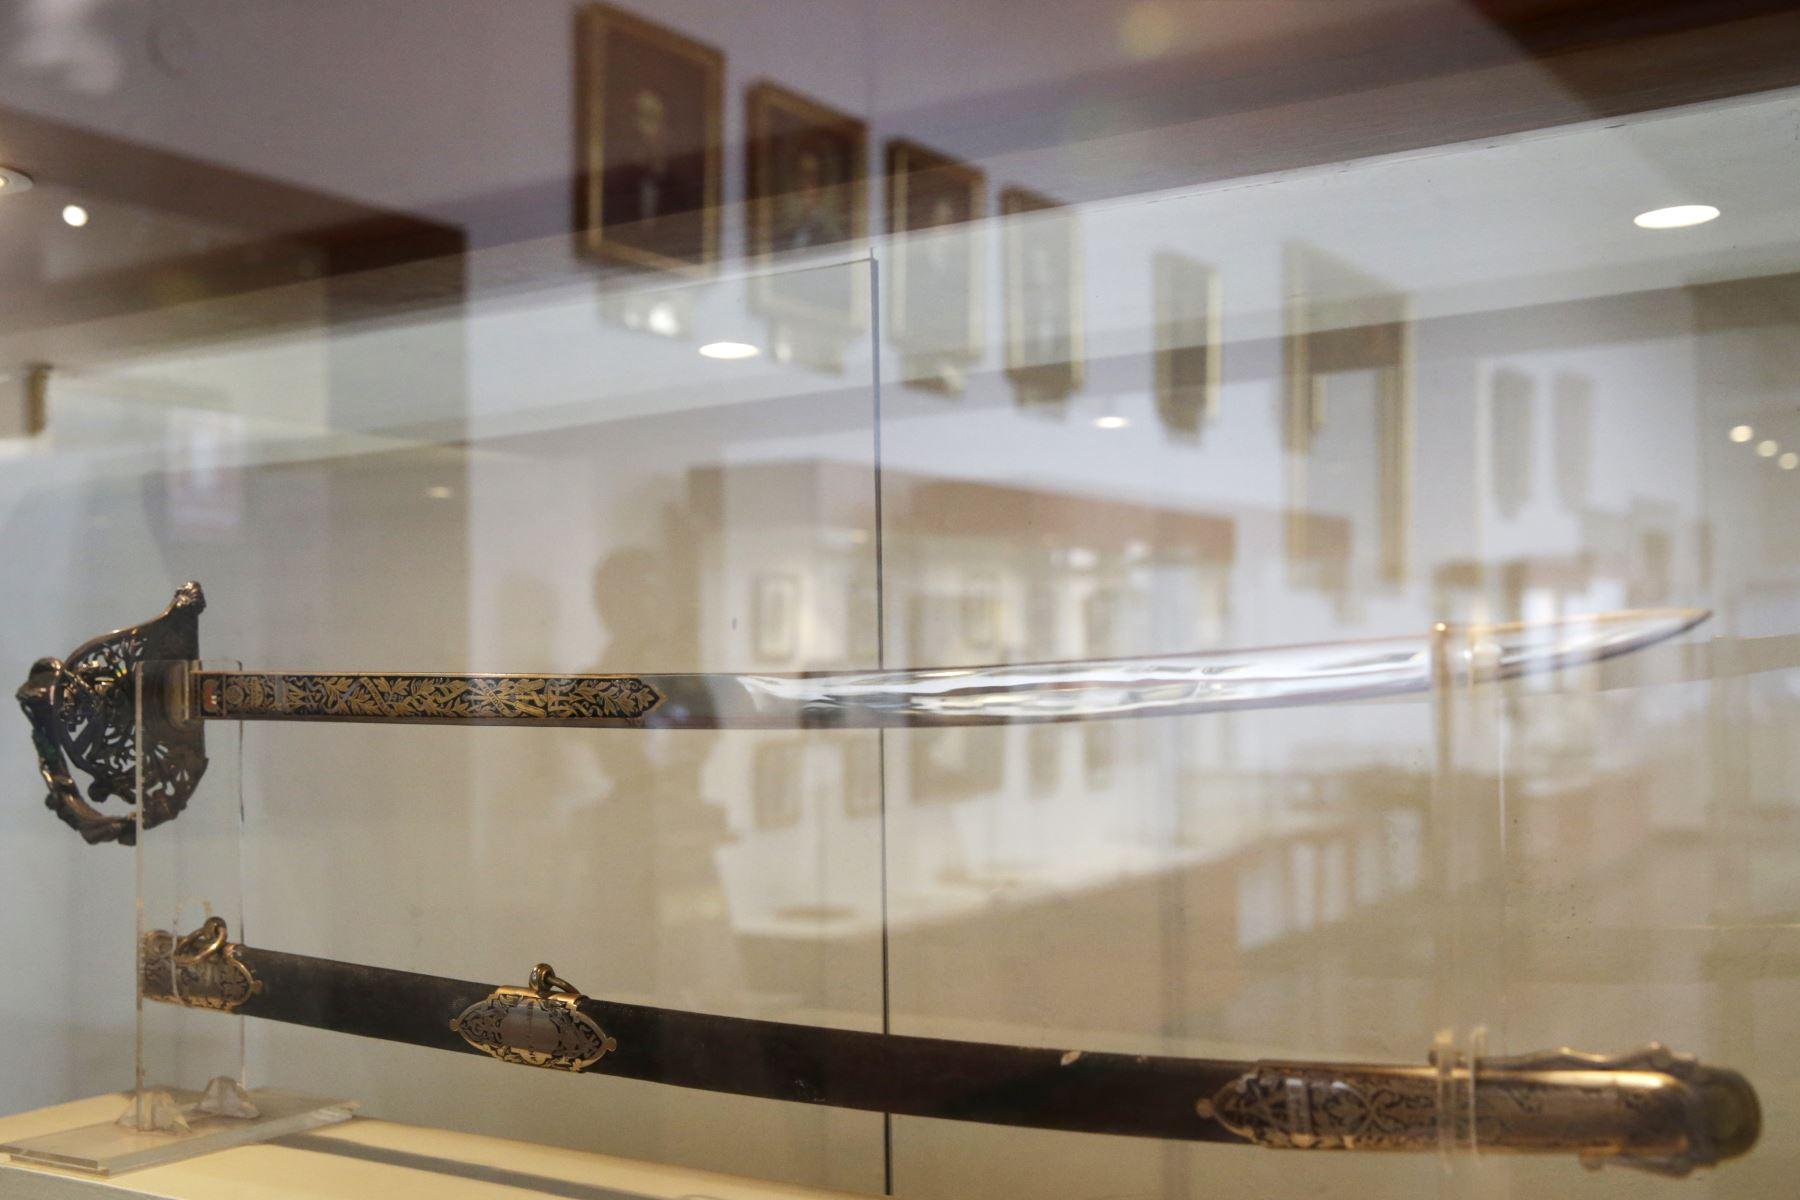 Museo Naval. Réplica de la espada que las damas peruanas residentes en Europa enviaron a Miguel Grau por sus triunfos en la campaña naval. La original se guarda en la cripta de la escuela naval. Foto: ANDINA/Melina Mejía